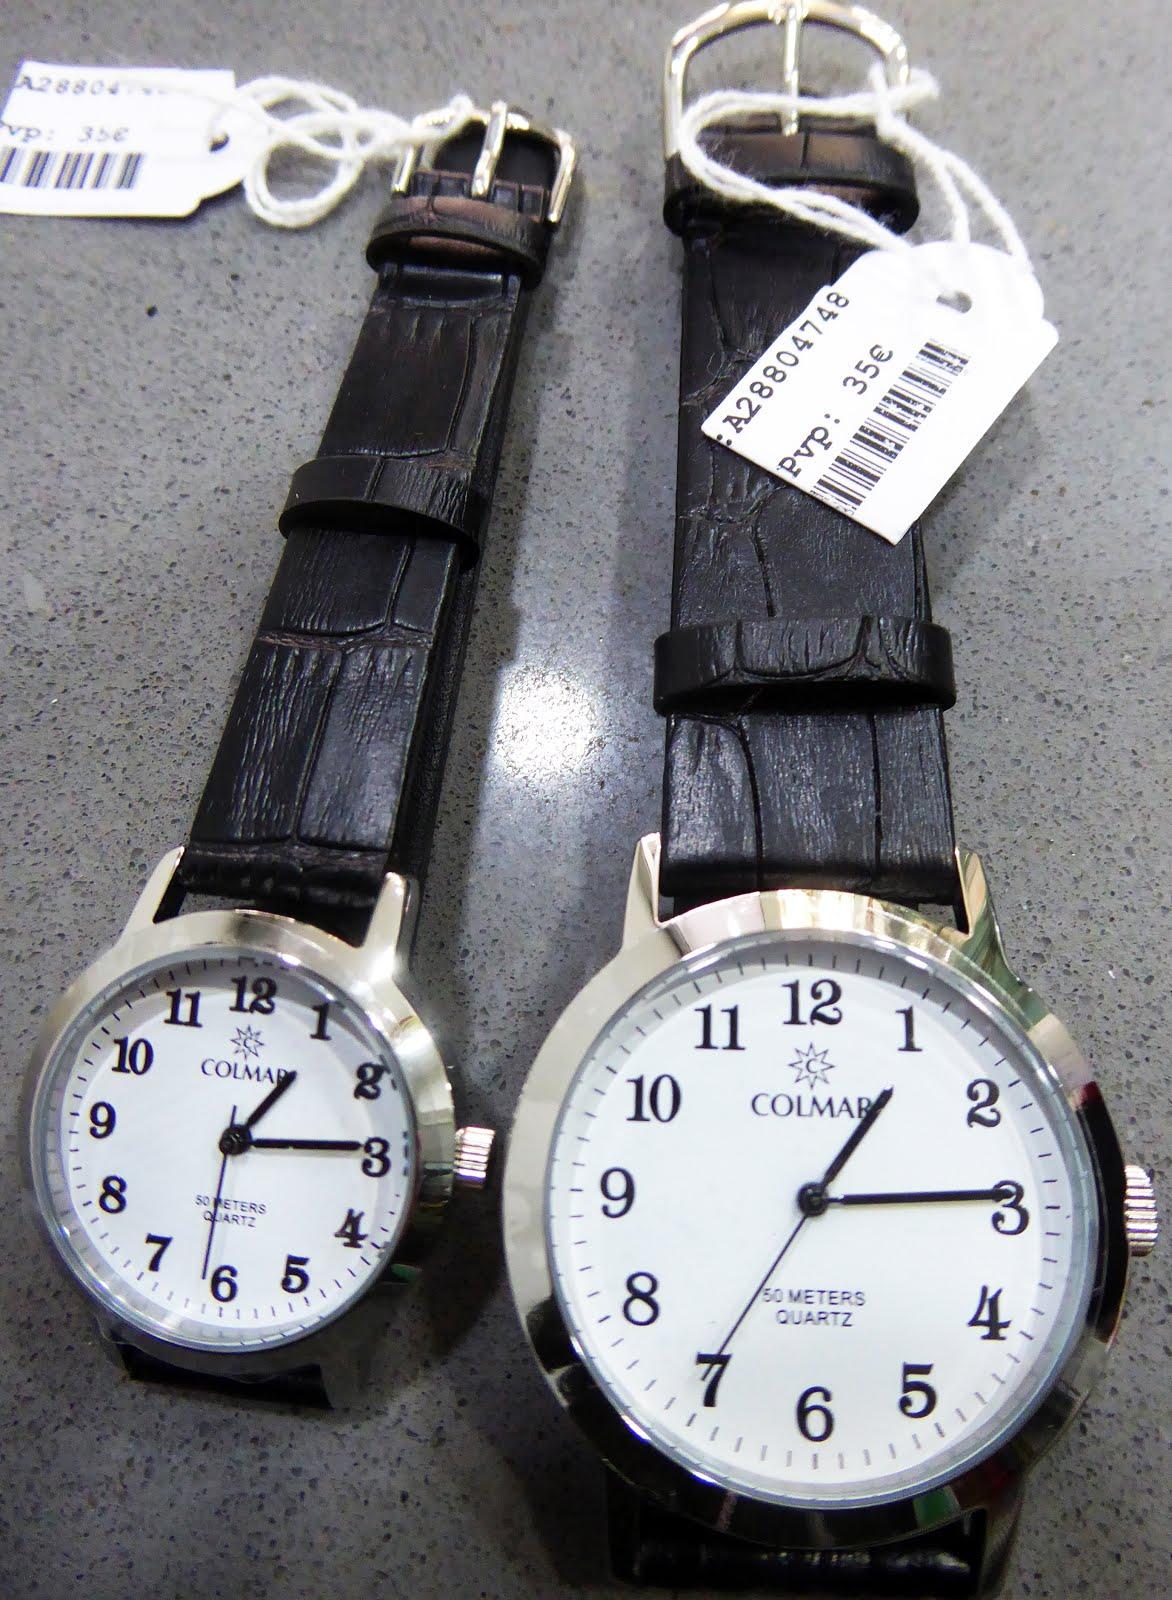 Relojes clásicos, con números grandes